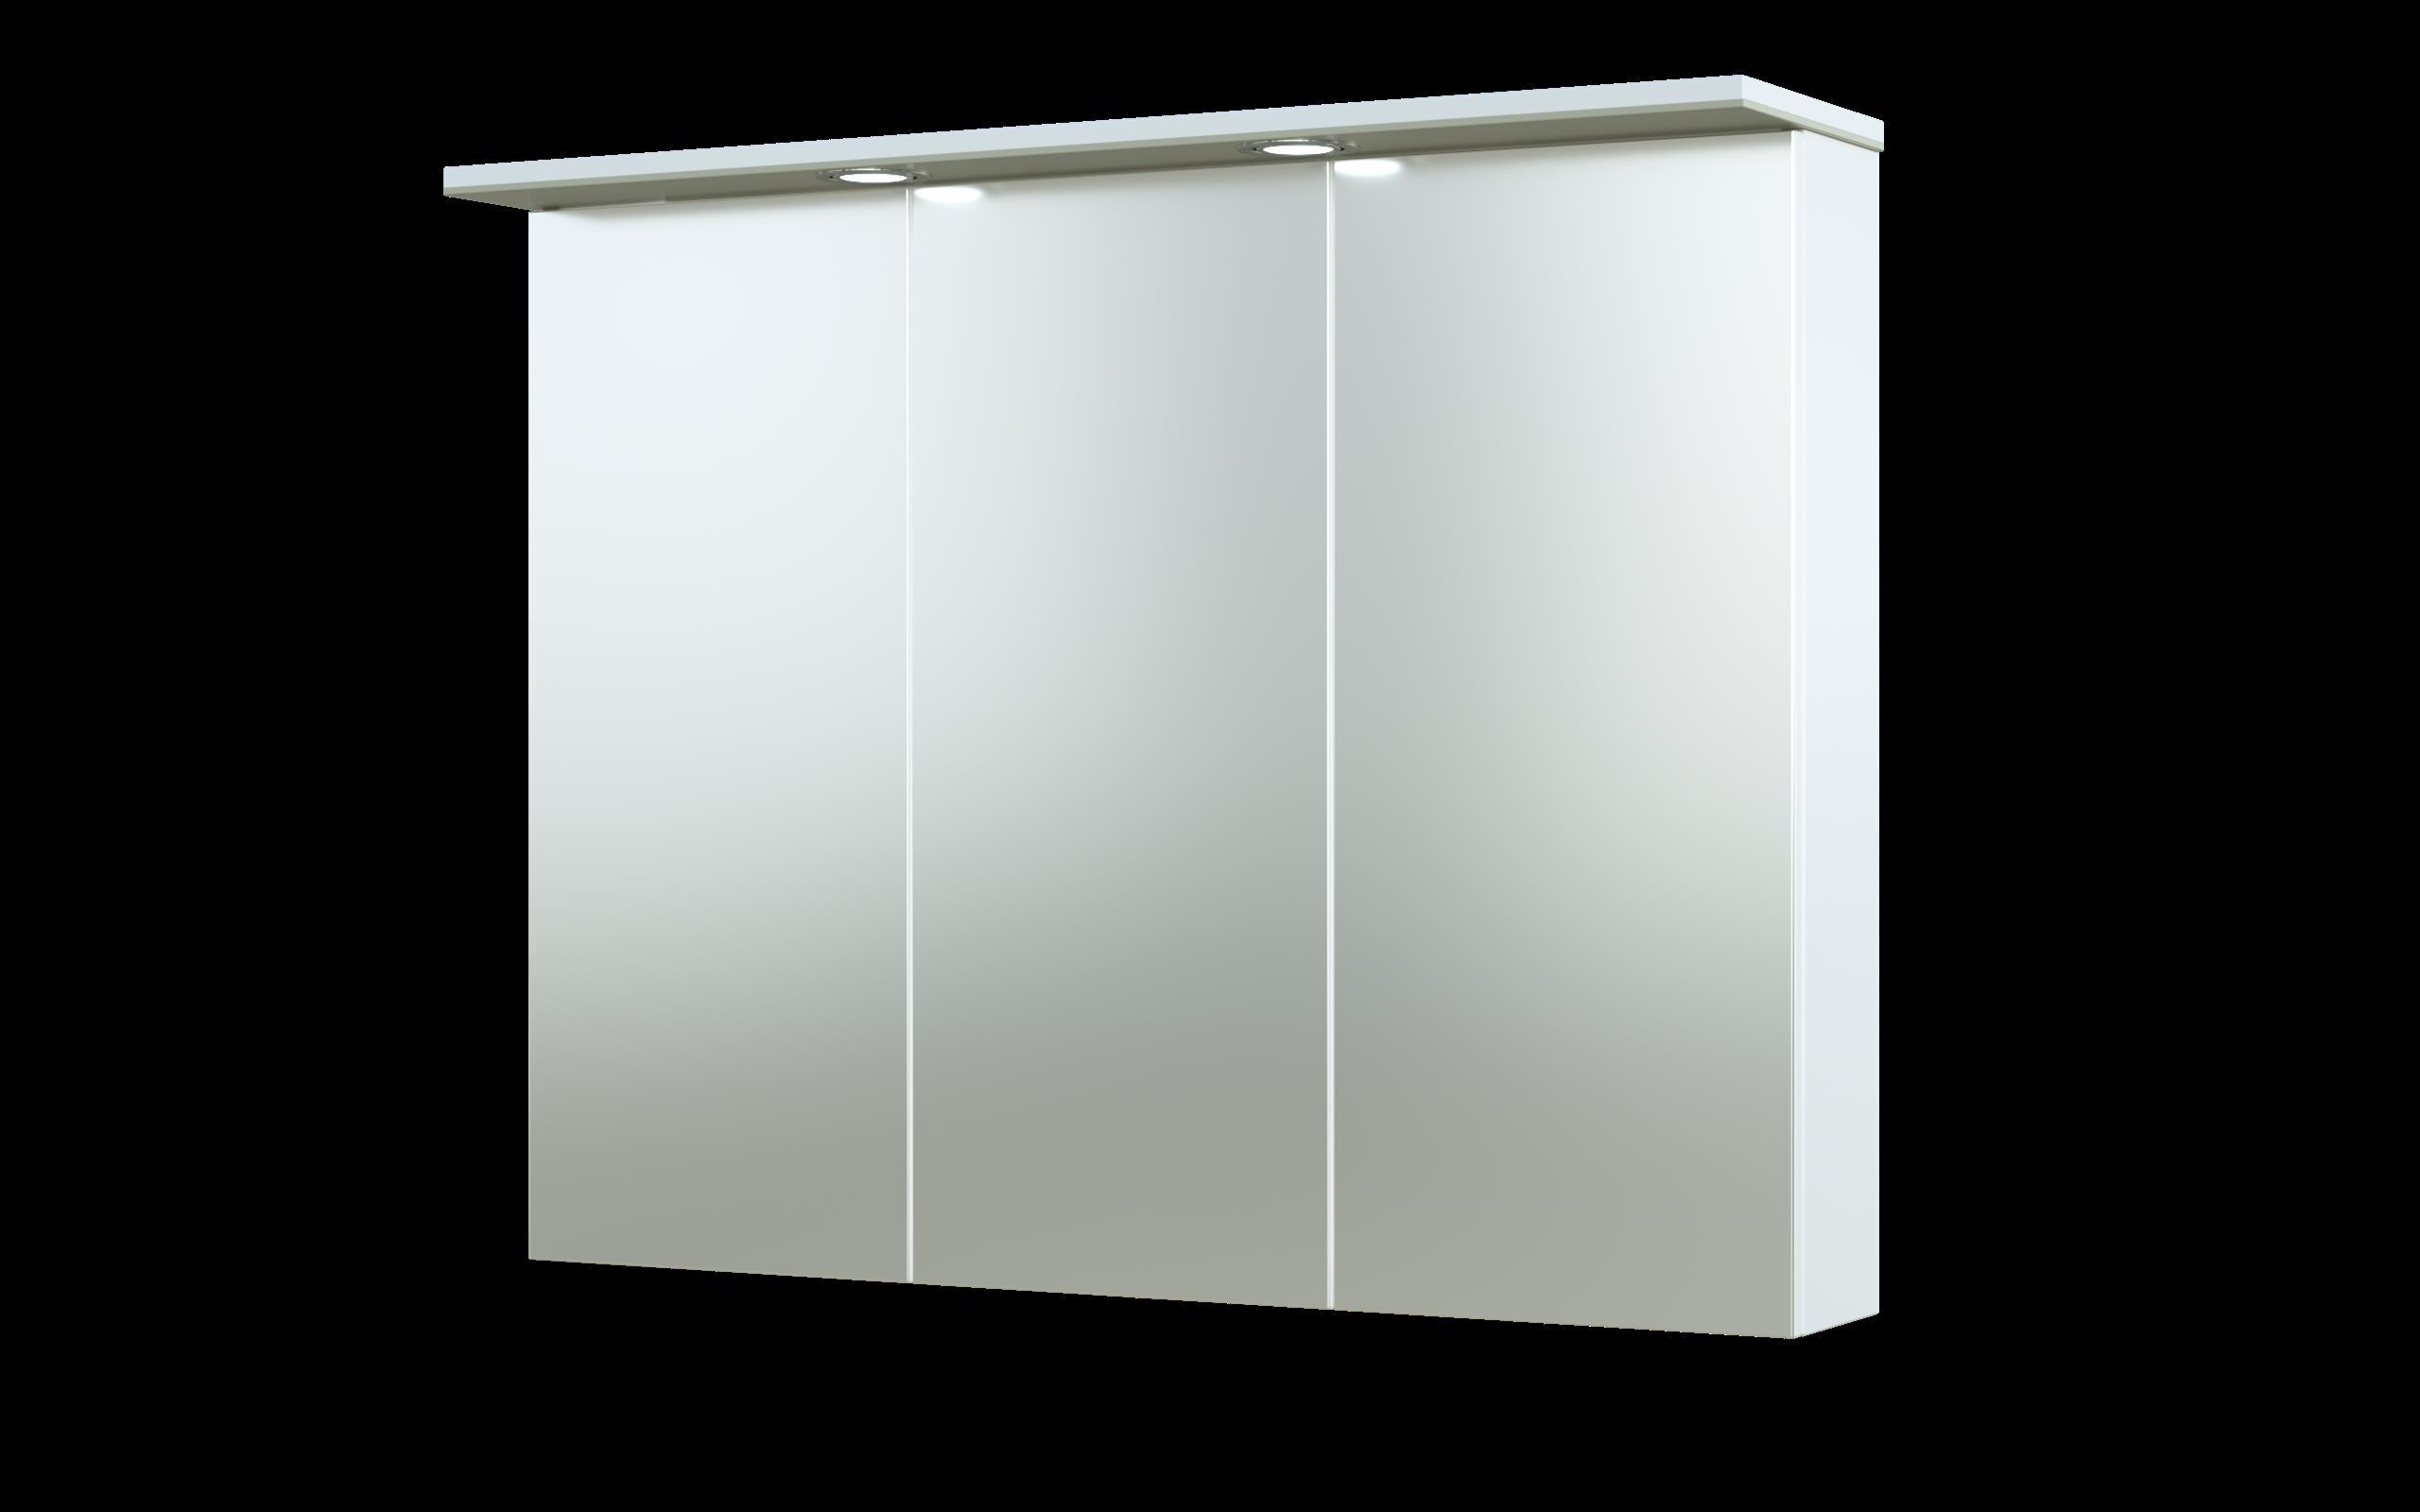 Bad LED Spiegelschrank Allegro 91 Beige glänzend Bild 1